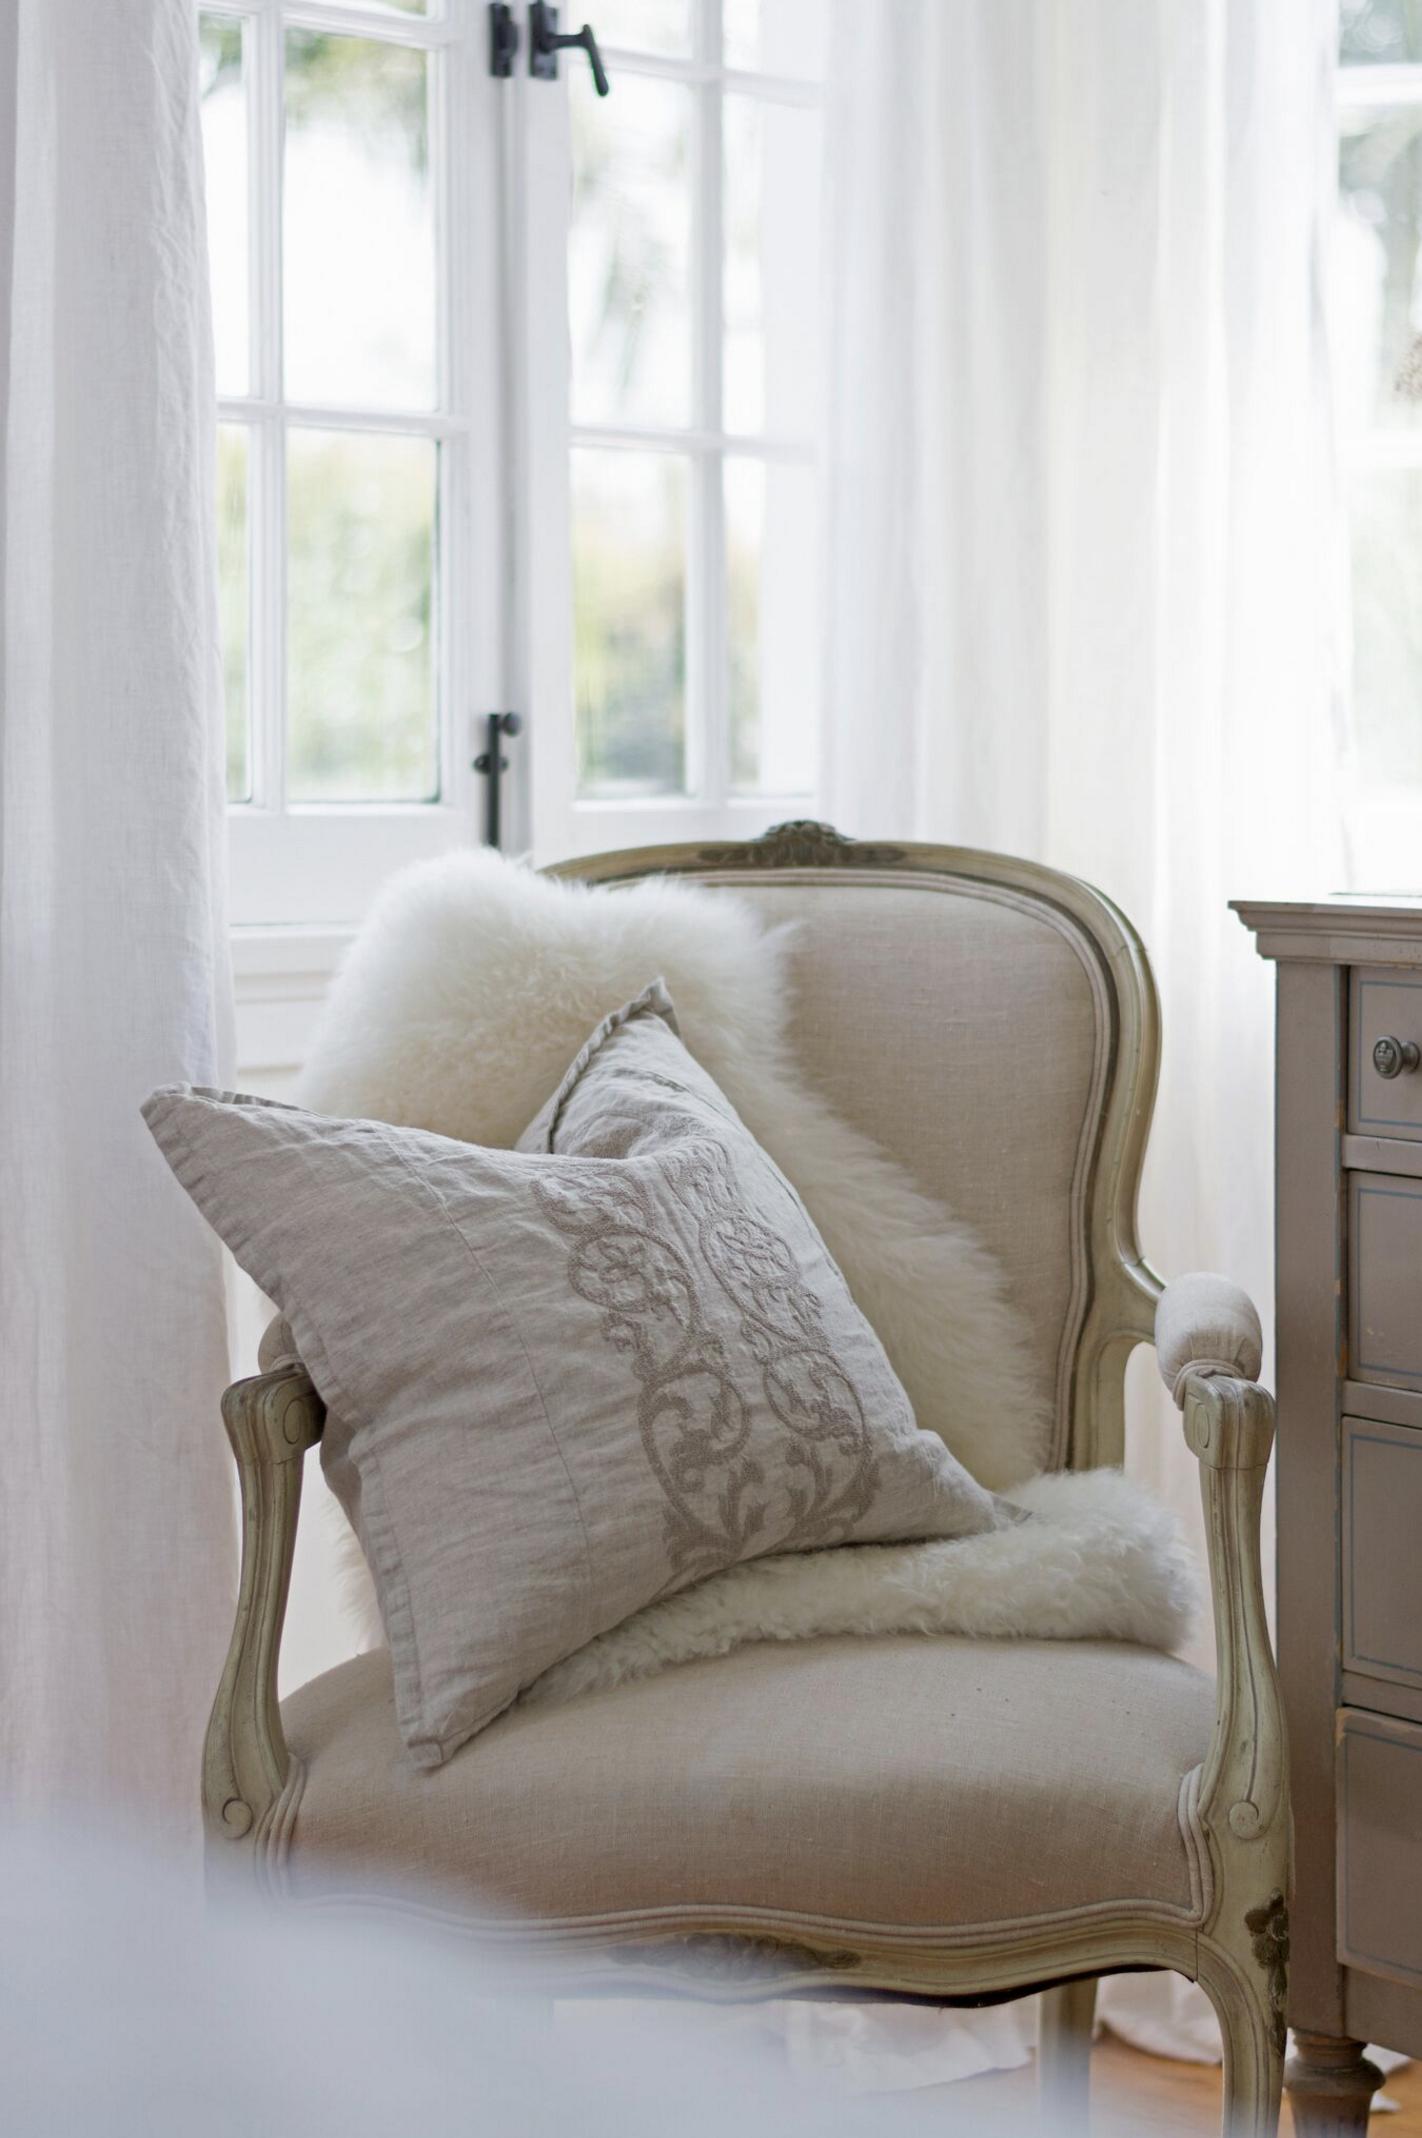 Pom Pom At Home Pillows Linen Interior Design With Images Home Home Accessories Interior Design